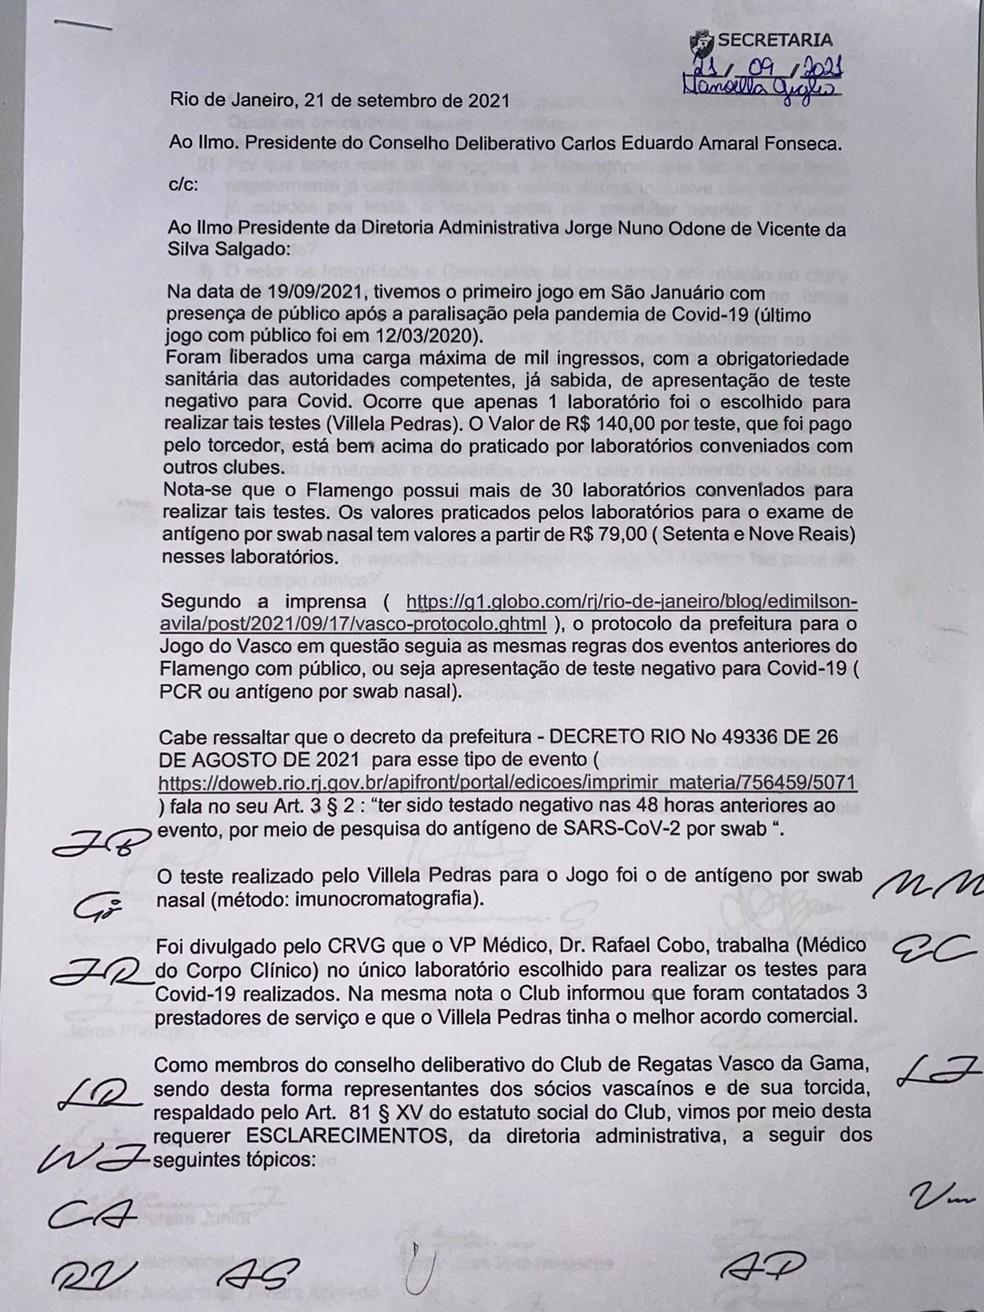 Carta de conselheiros do Vasco sobre contratação de laboratório - Parte 1 — Foto: Reprodução